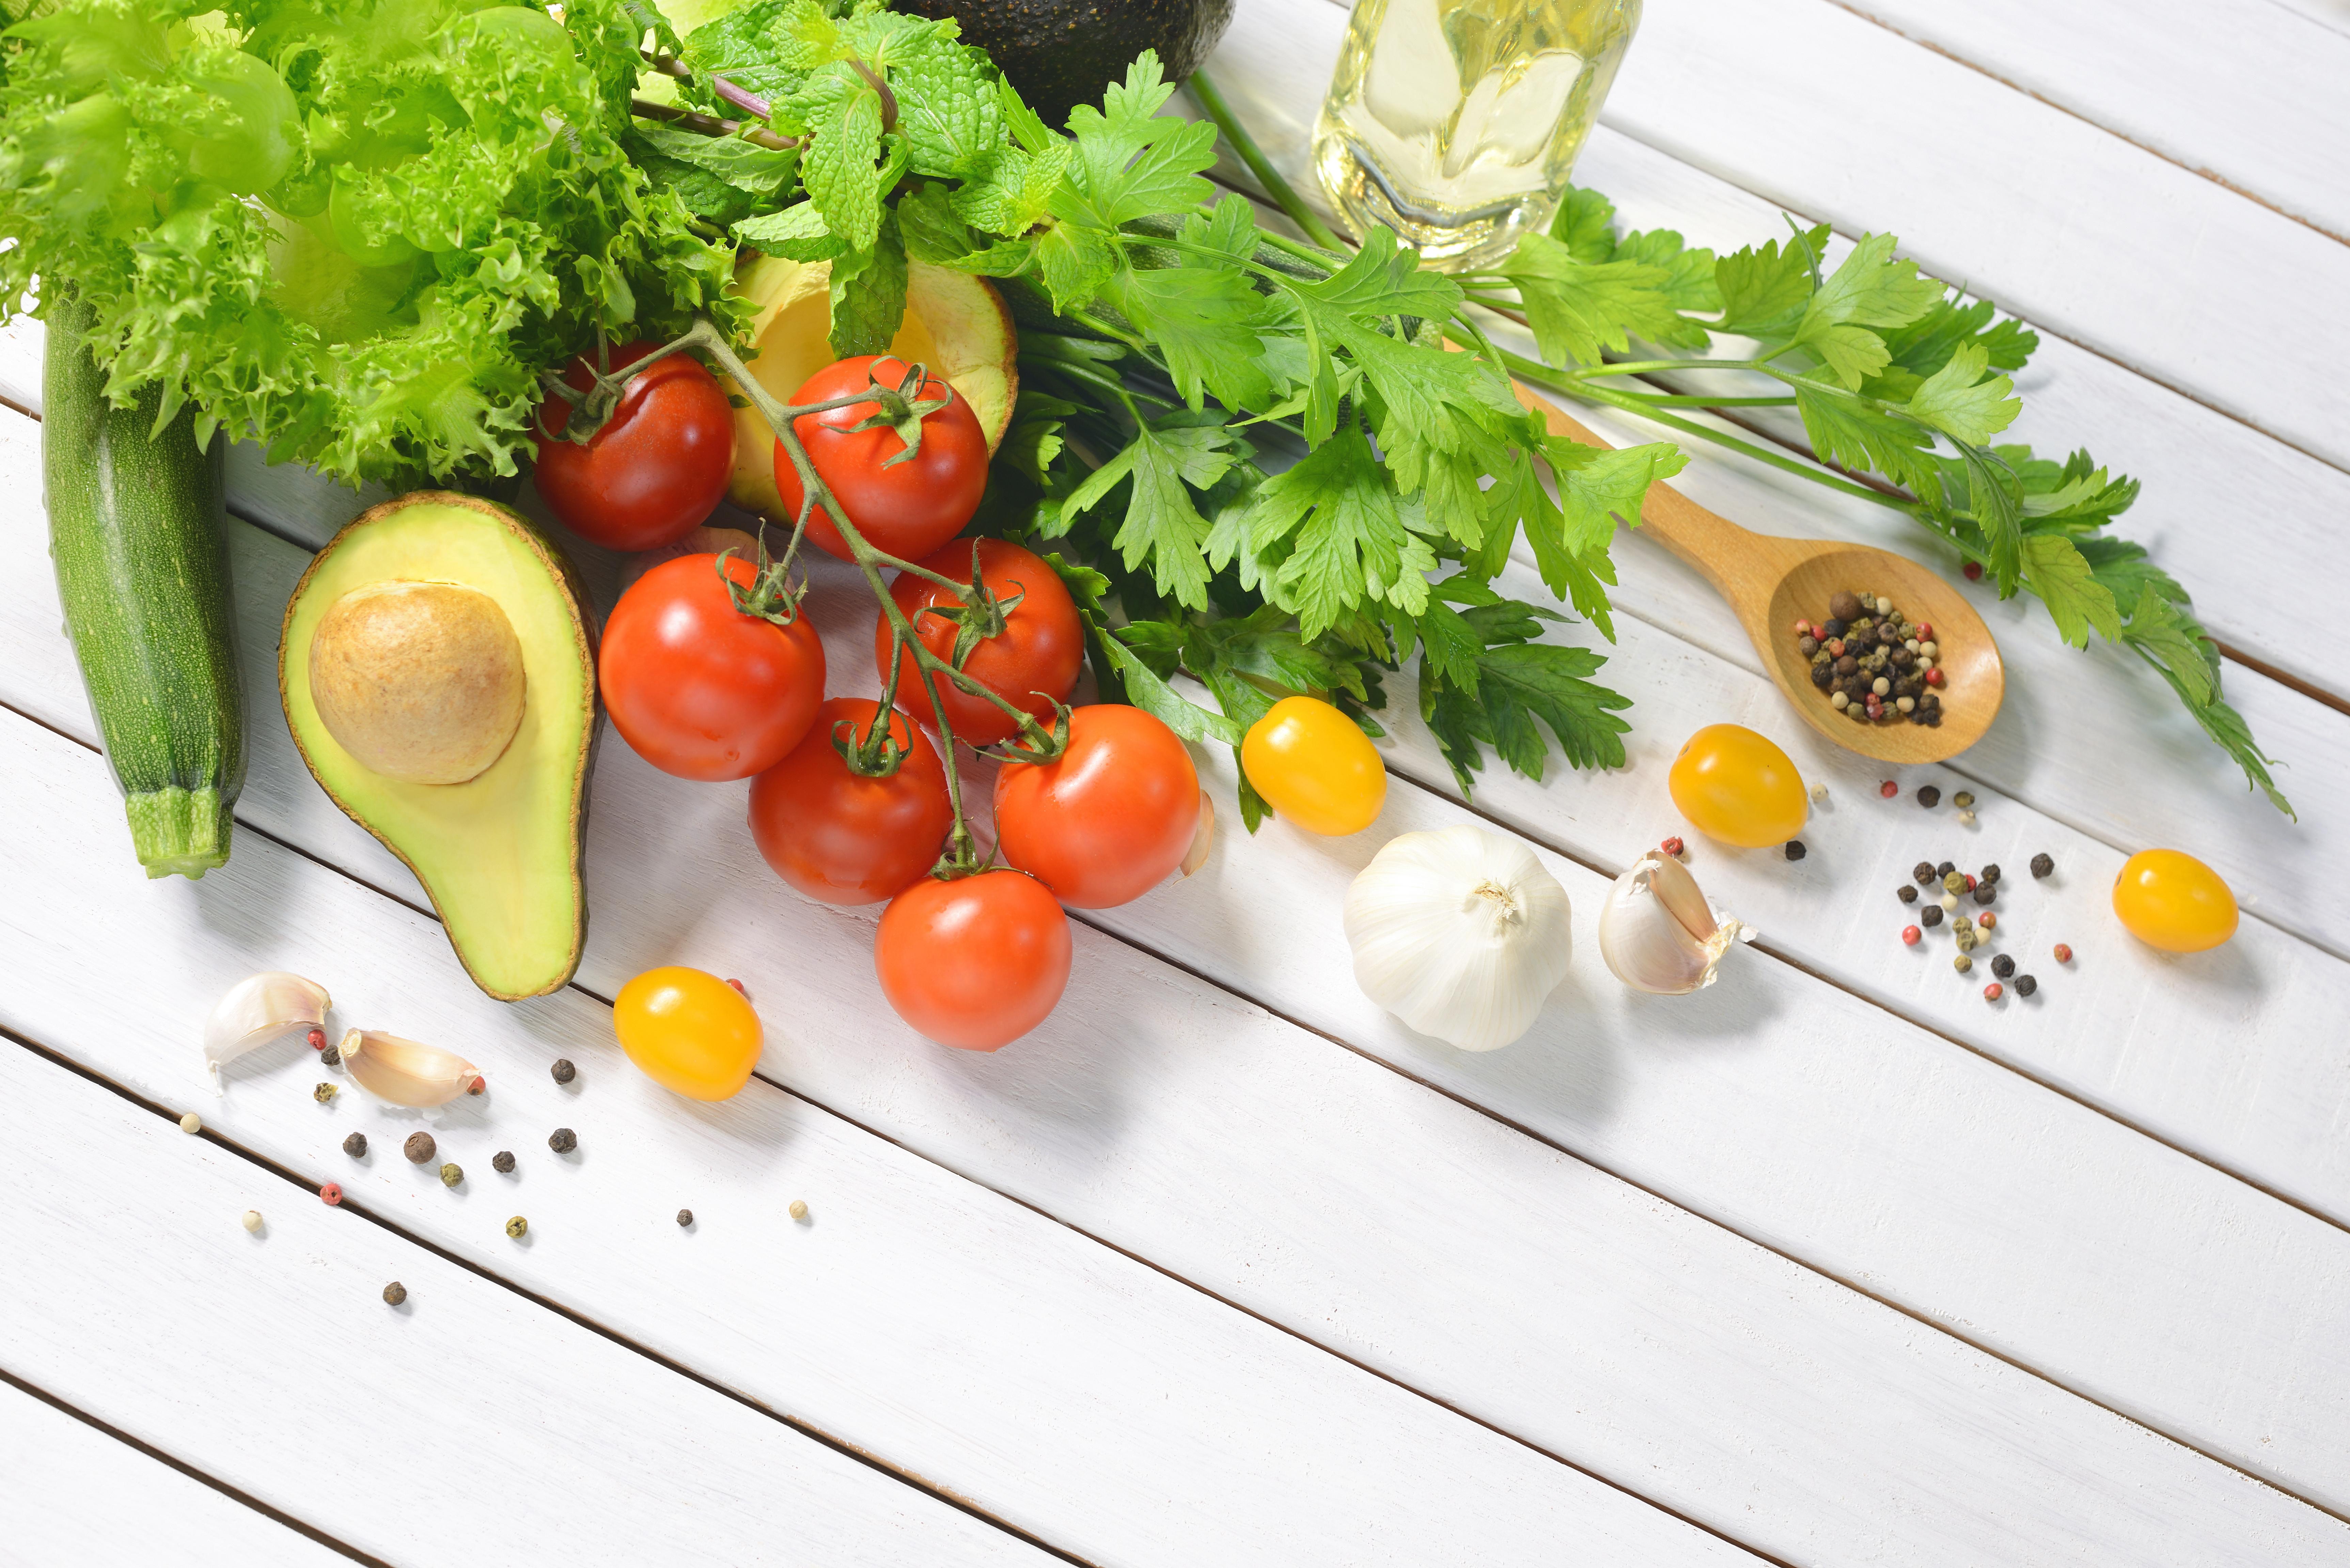 5 Alimentos Saludables que Deberías Incluir en tu Dieta